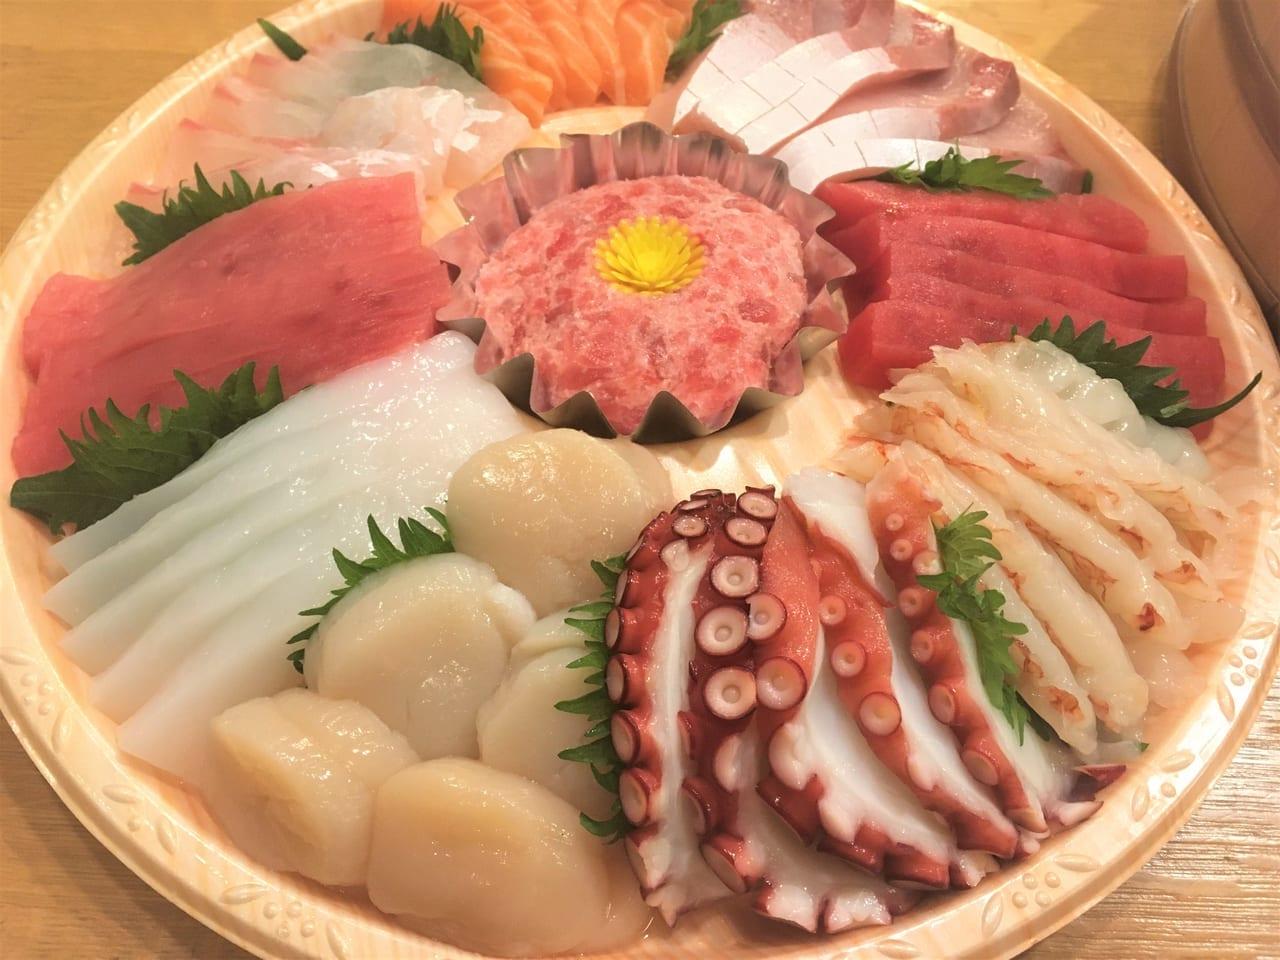 ピアゴプラス妙興寺店の鮮魚コーナーでオーダーした刺身